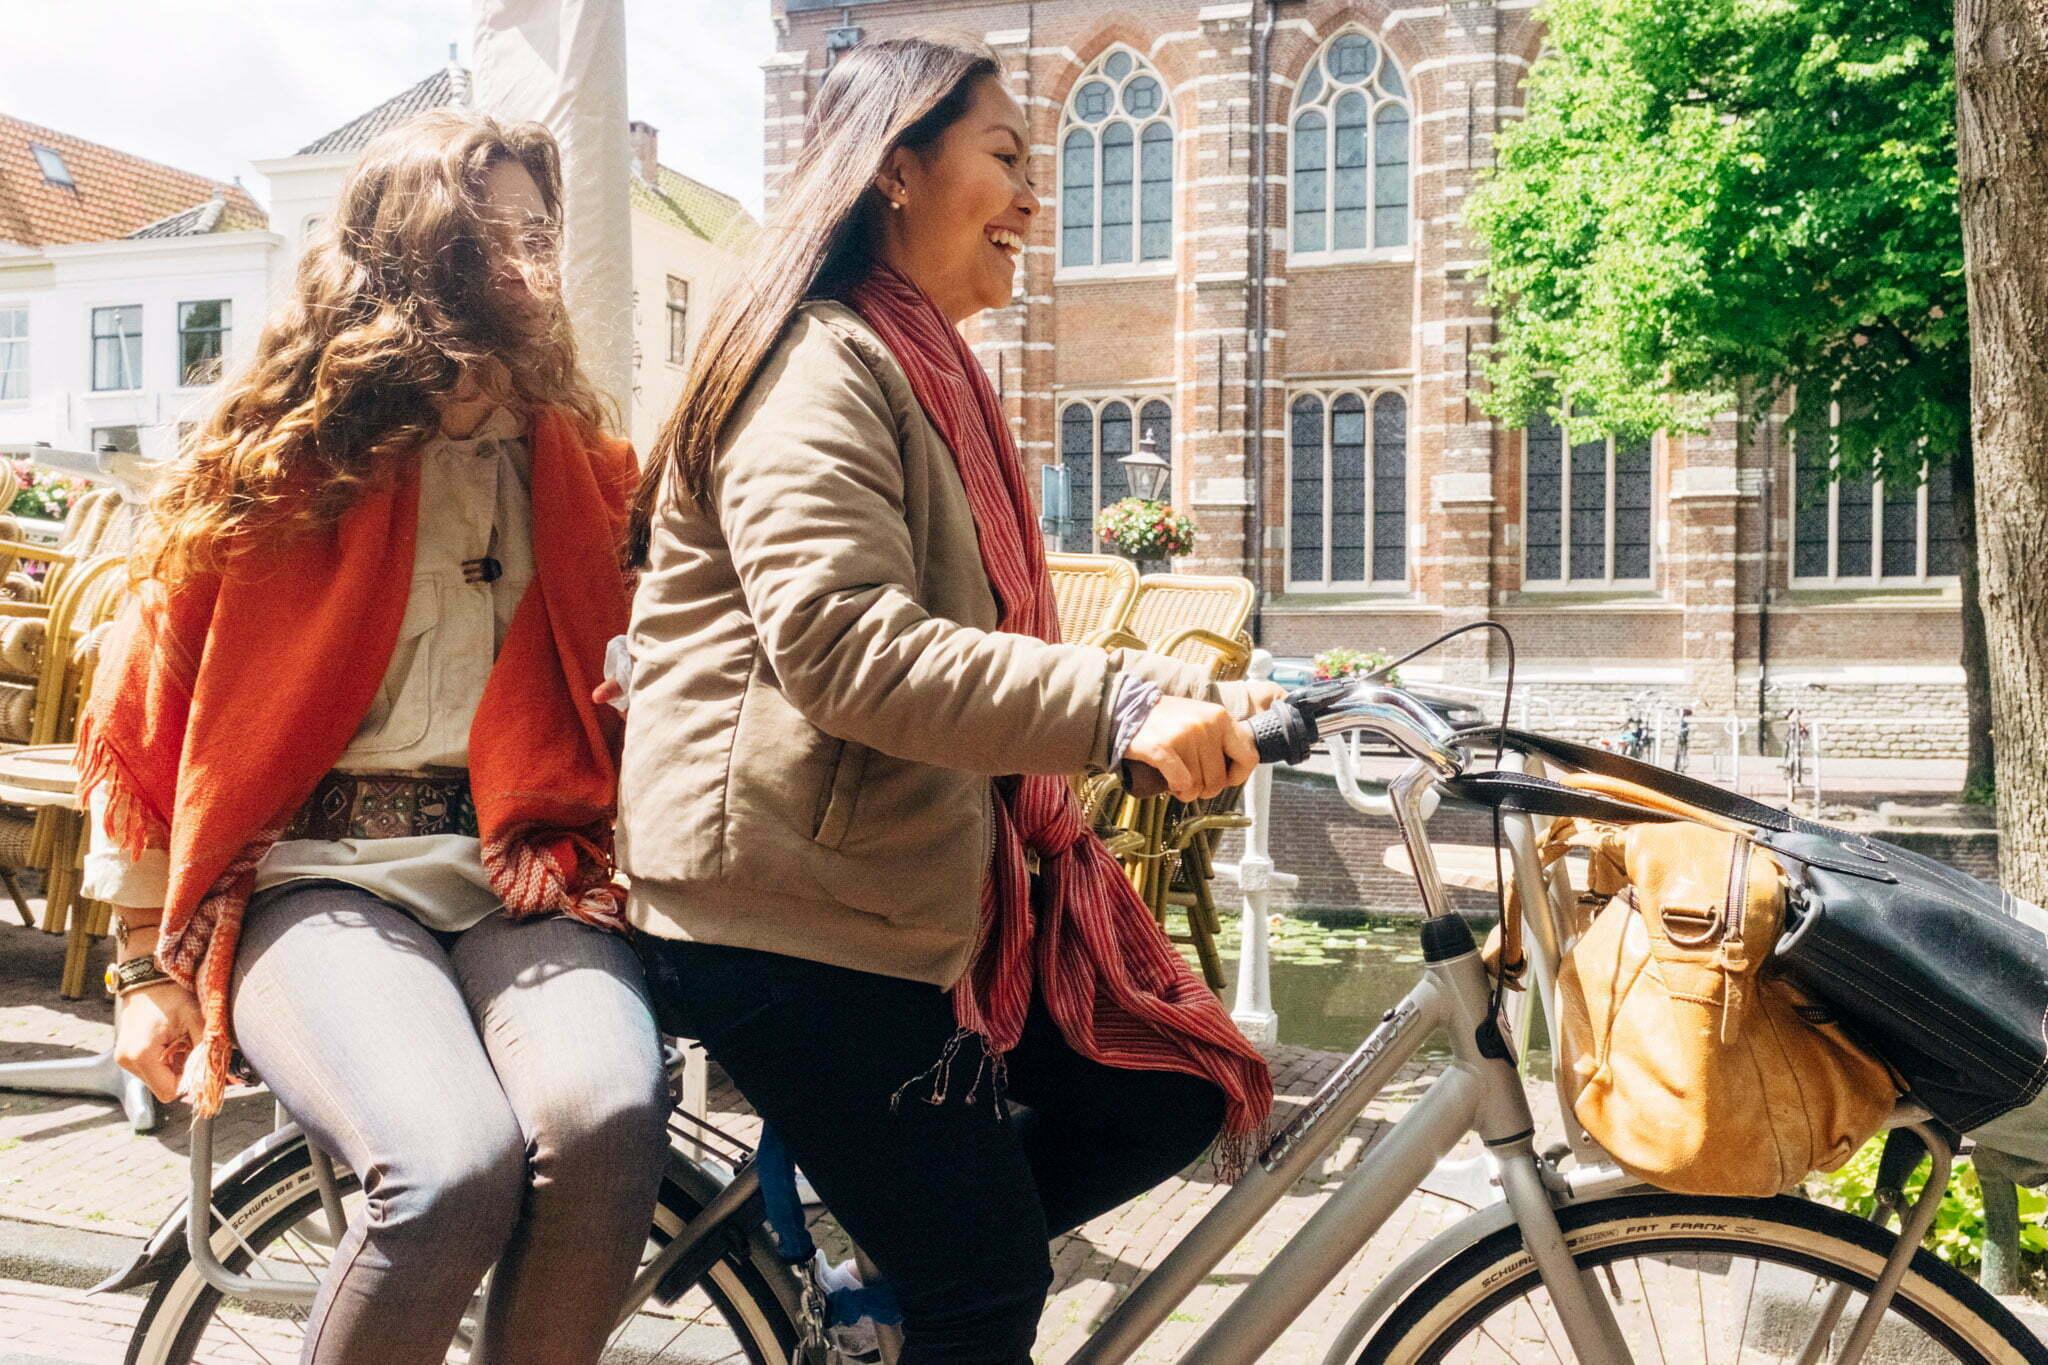 leiden-netherlands-2304-pete-carr